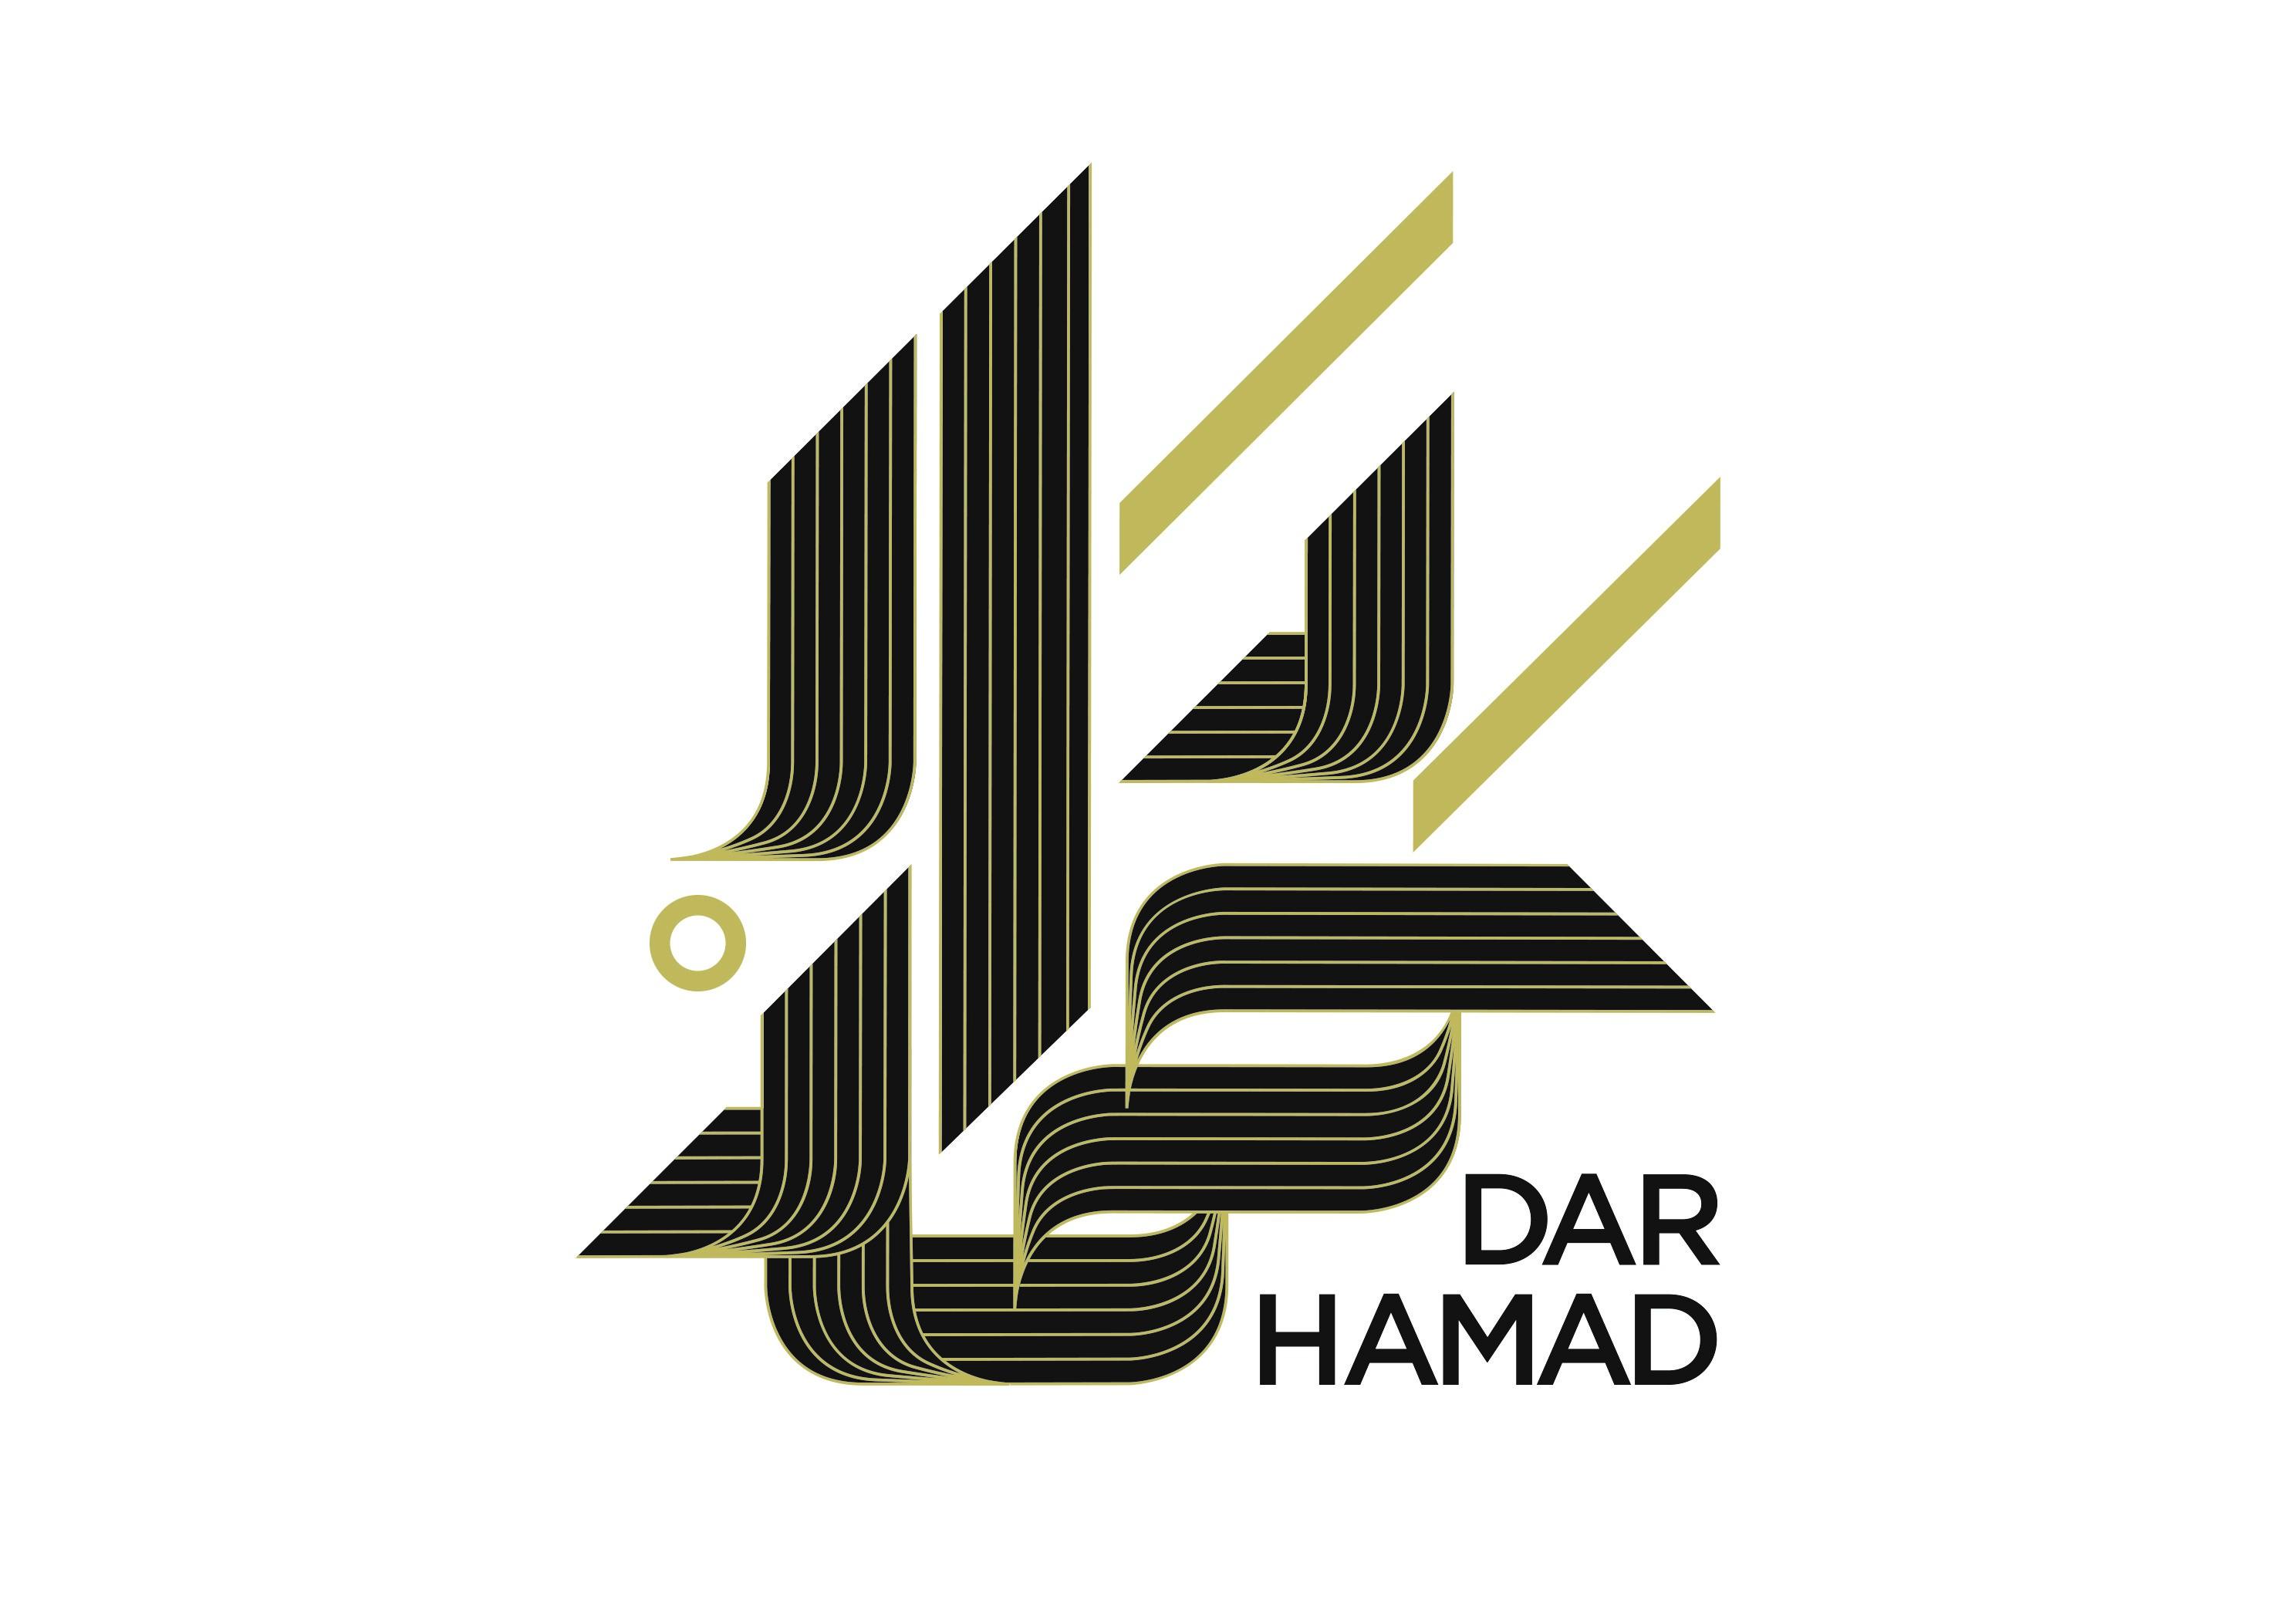 Dar Hamad ( 360 mall )